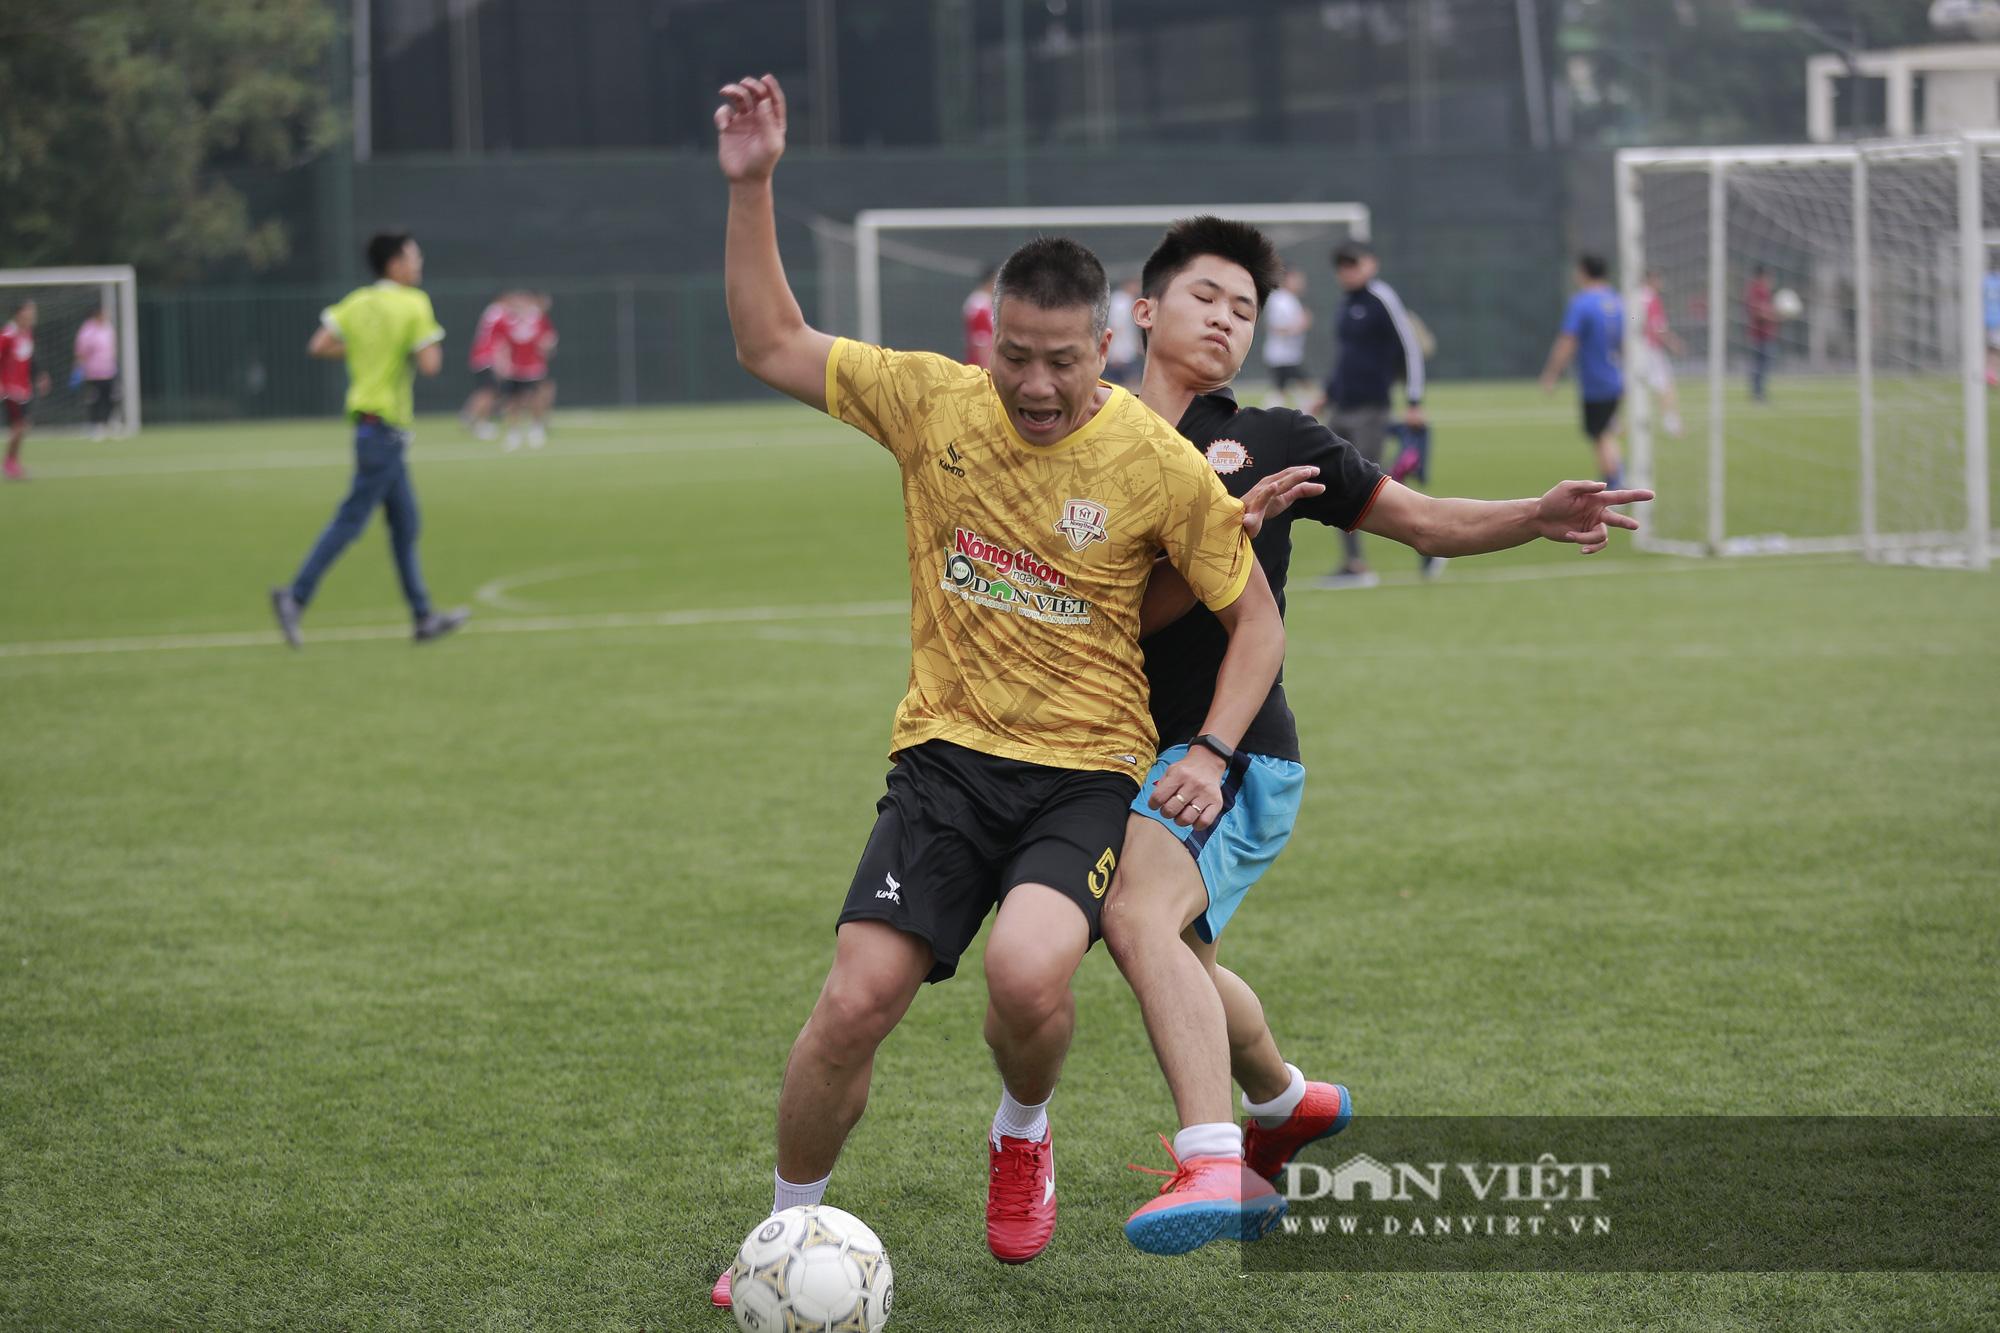 Khoảnh khắc lượt trận cuối cùng vòng bảng giải bóng đá báo NTNN/Dân Việt  - Ảnh 1.